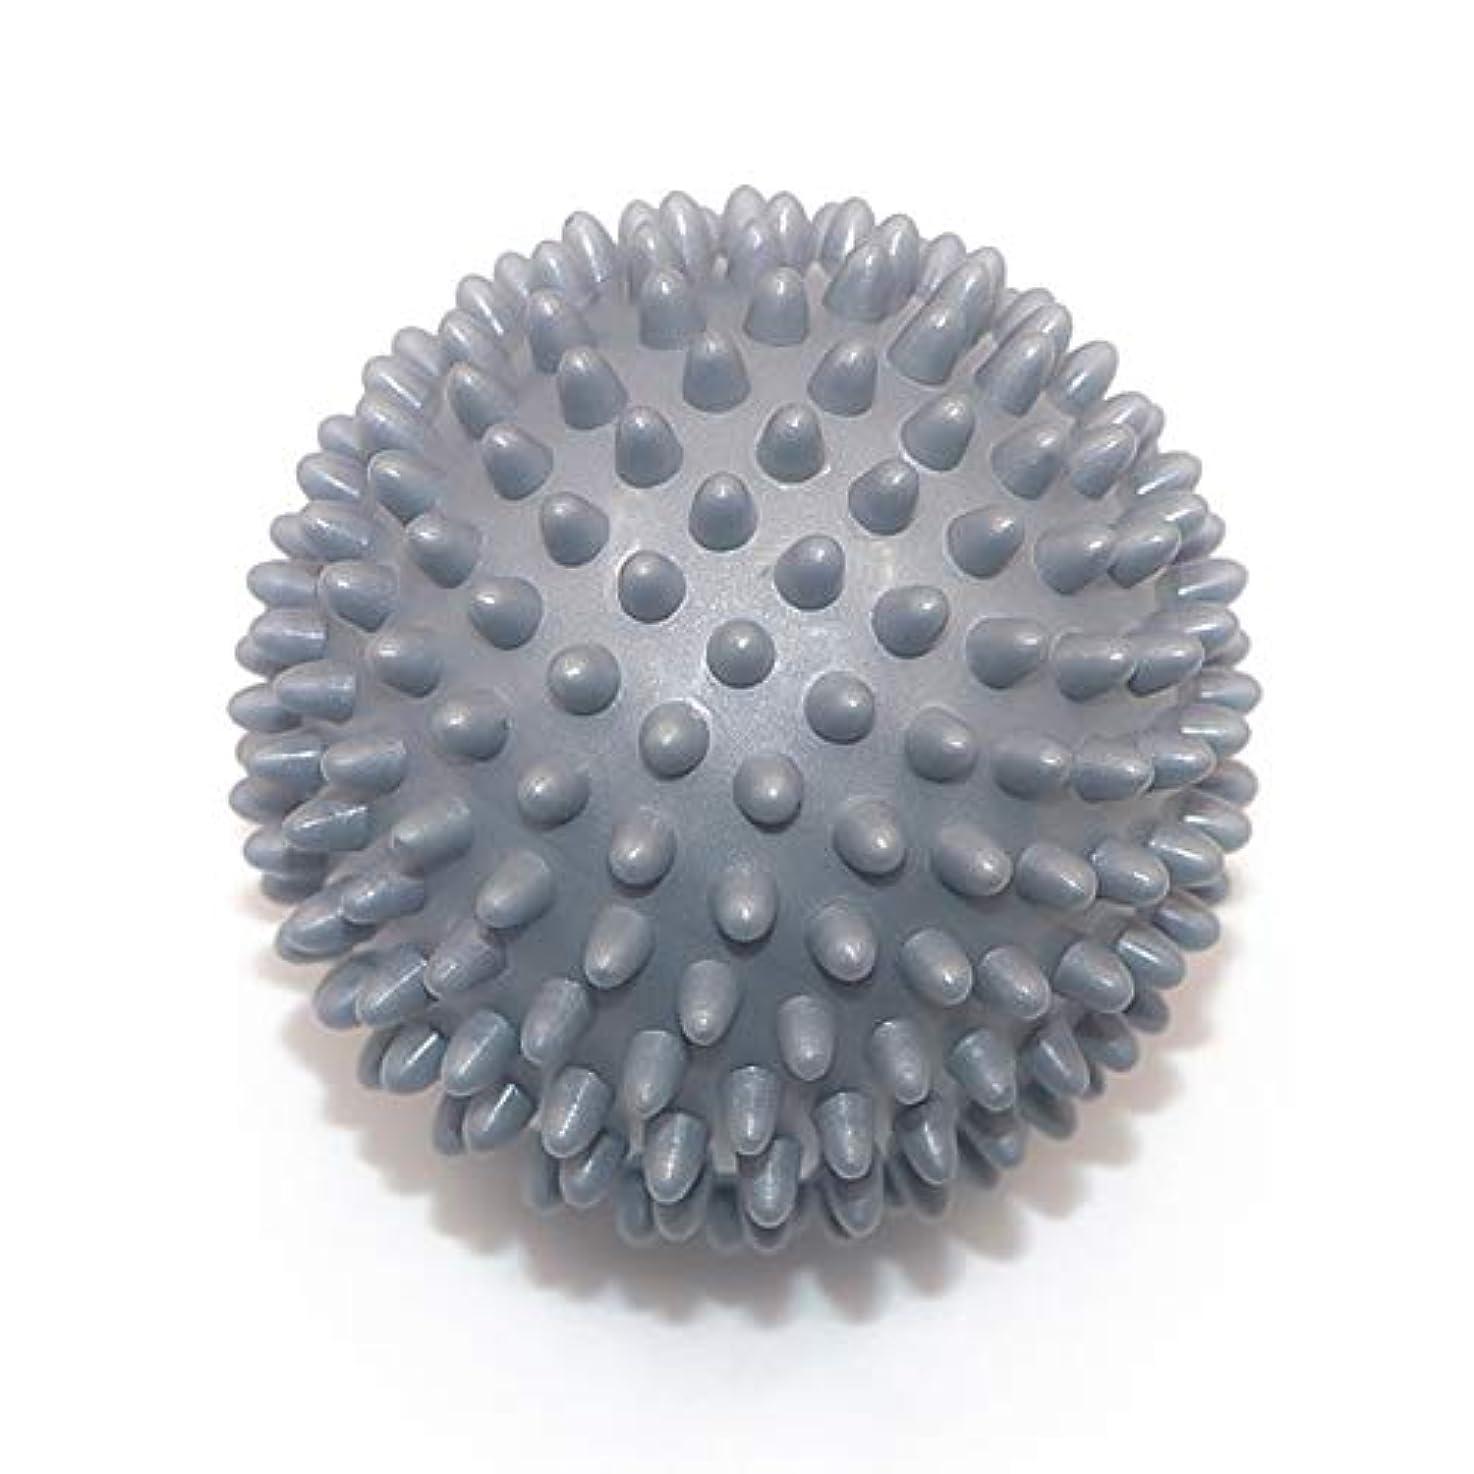 山いつも権限を与えるLiti マッサージボール リハビリ 触覚ボール リフレクションボール 筋膜リリース リハビリ マッサージ用 グレー